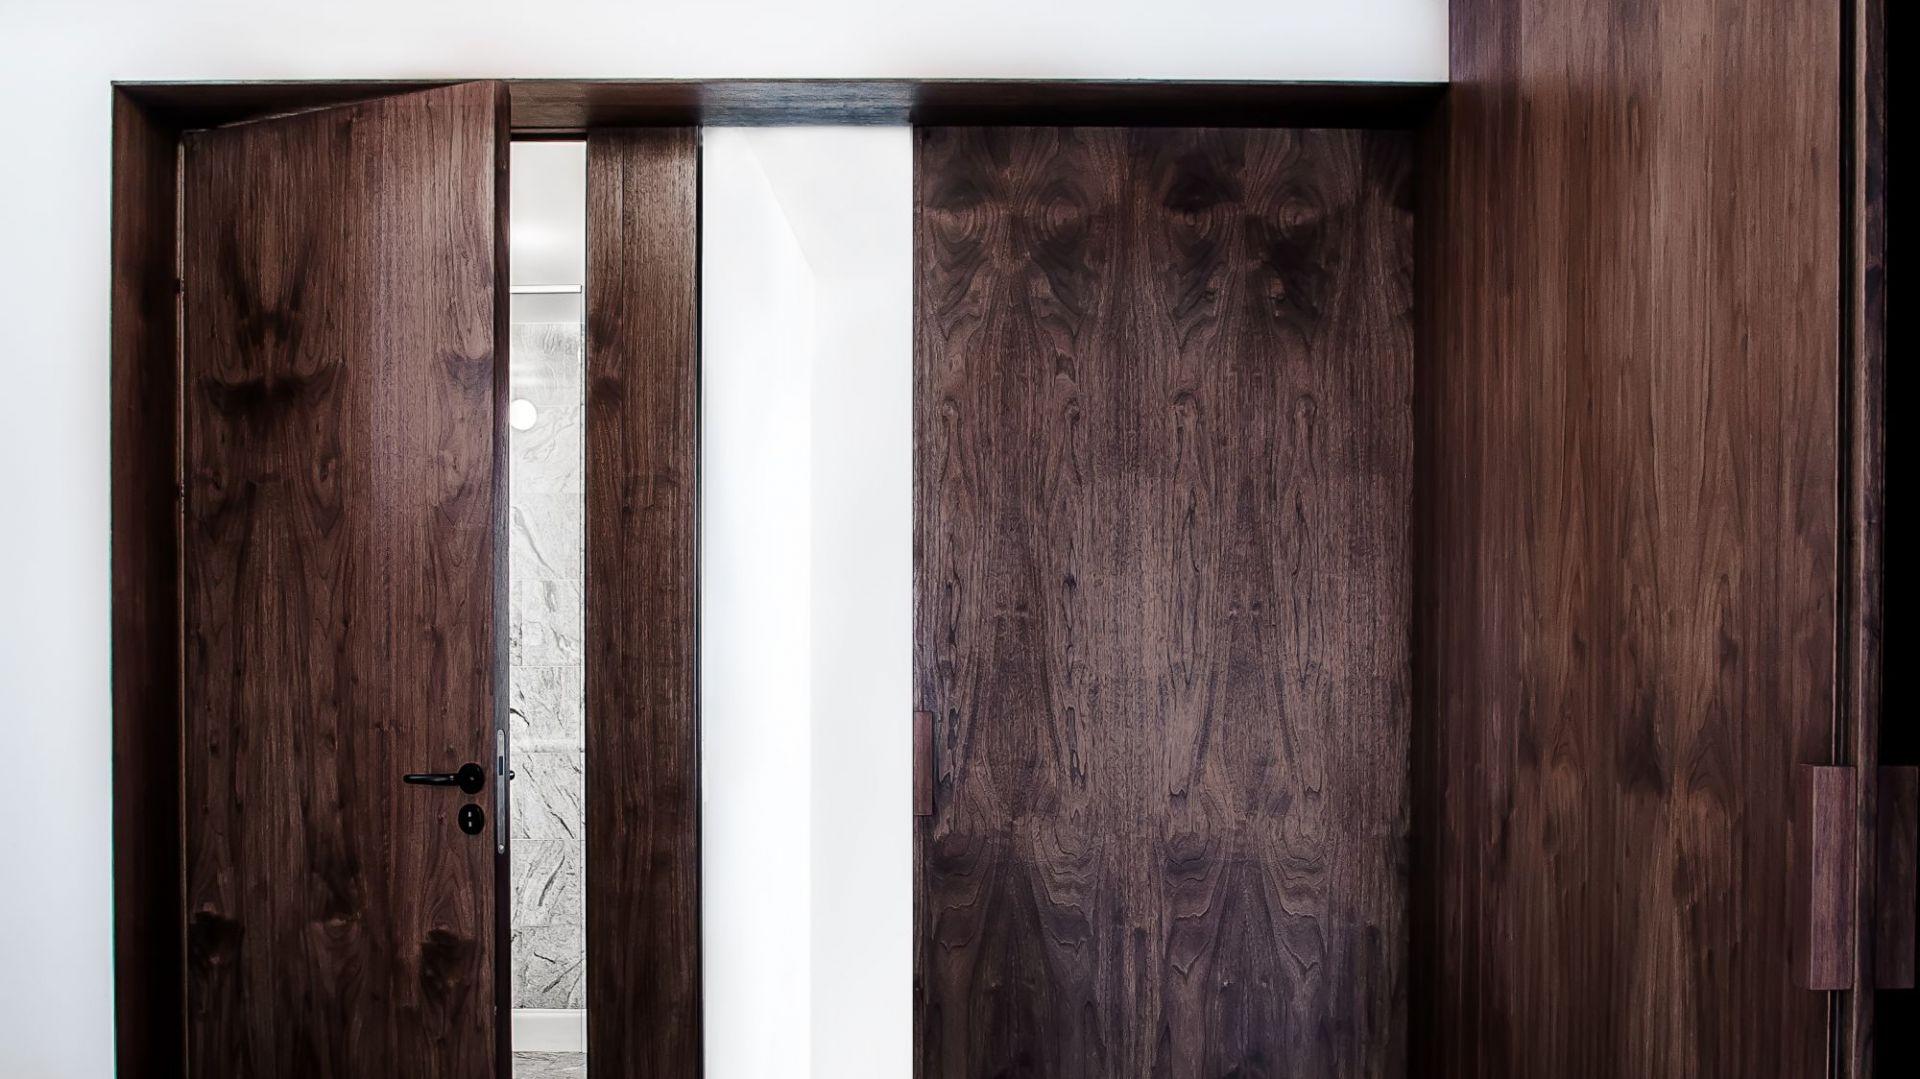 Przebudowa domu w Kiekrzu. : Biuro projektowe Atelier Starzak Strebicki. Fot. Mateusz Bieniaszczyk